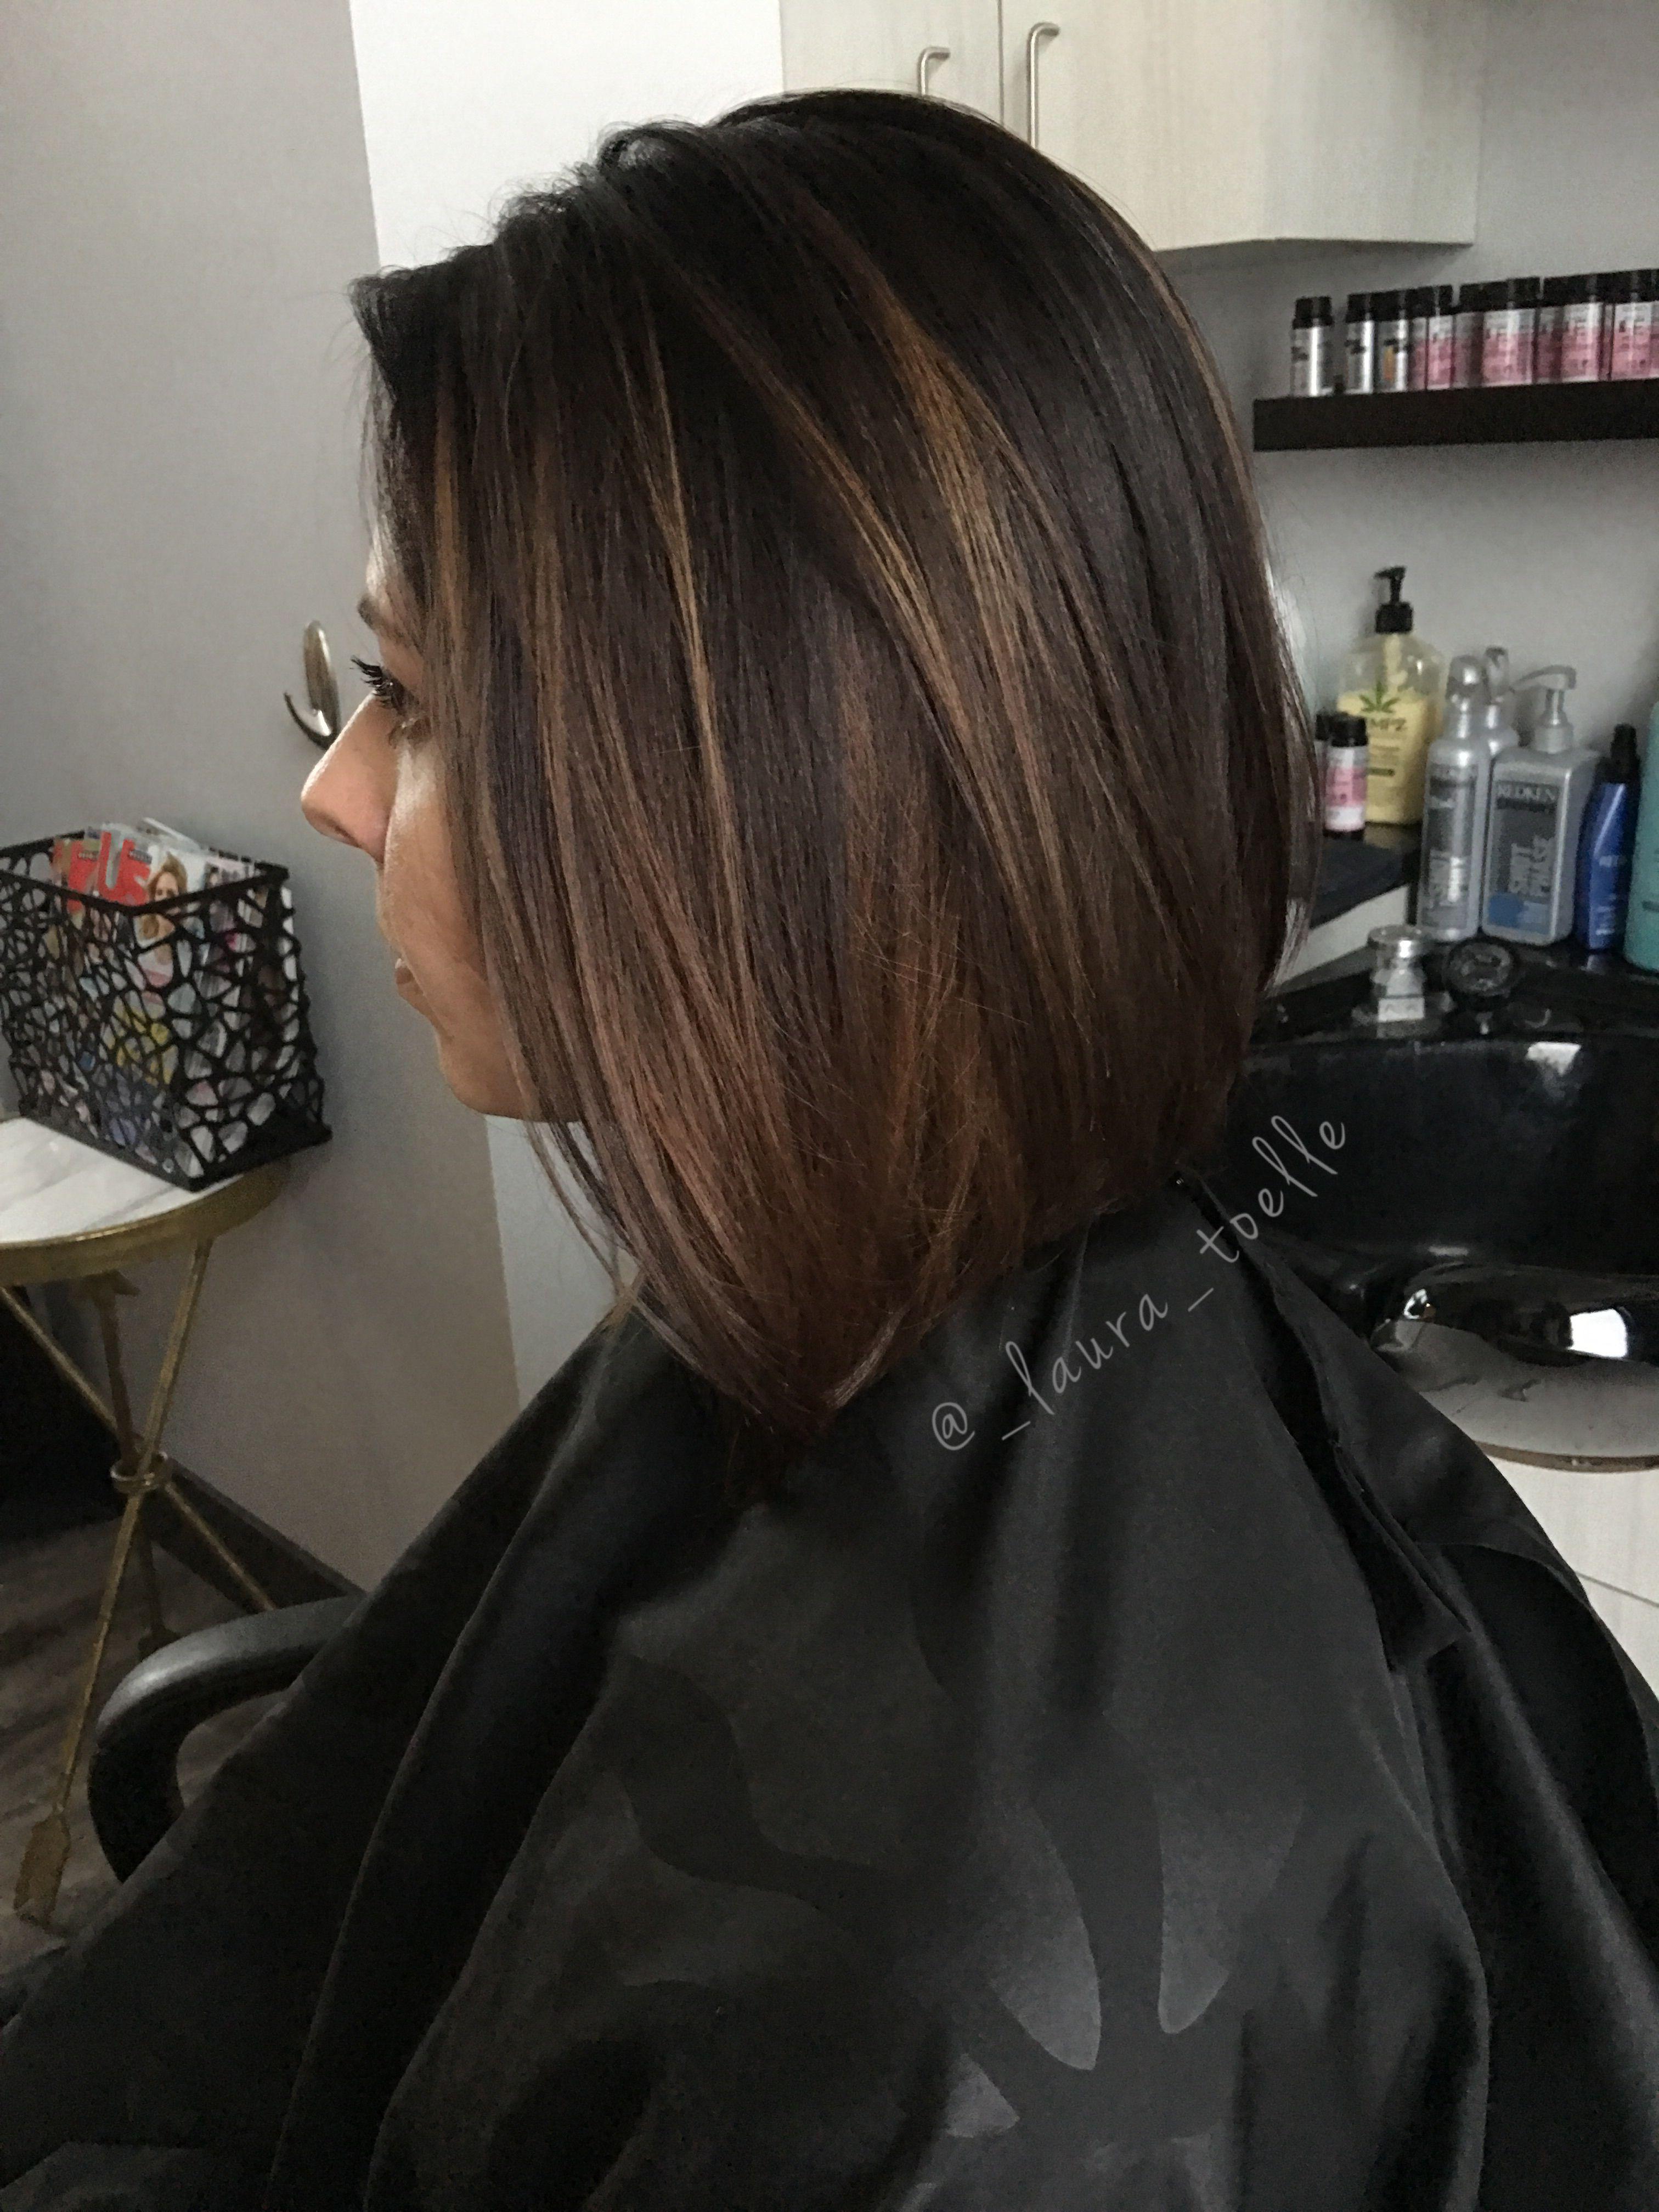 Dark Brown Hair Caramel Highlights Short Lob Lkhairstudios Hair Styles Medium Hair Styles Short Straight Hair